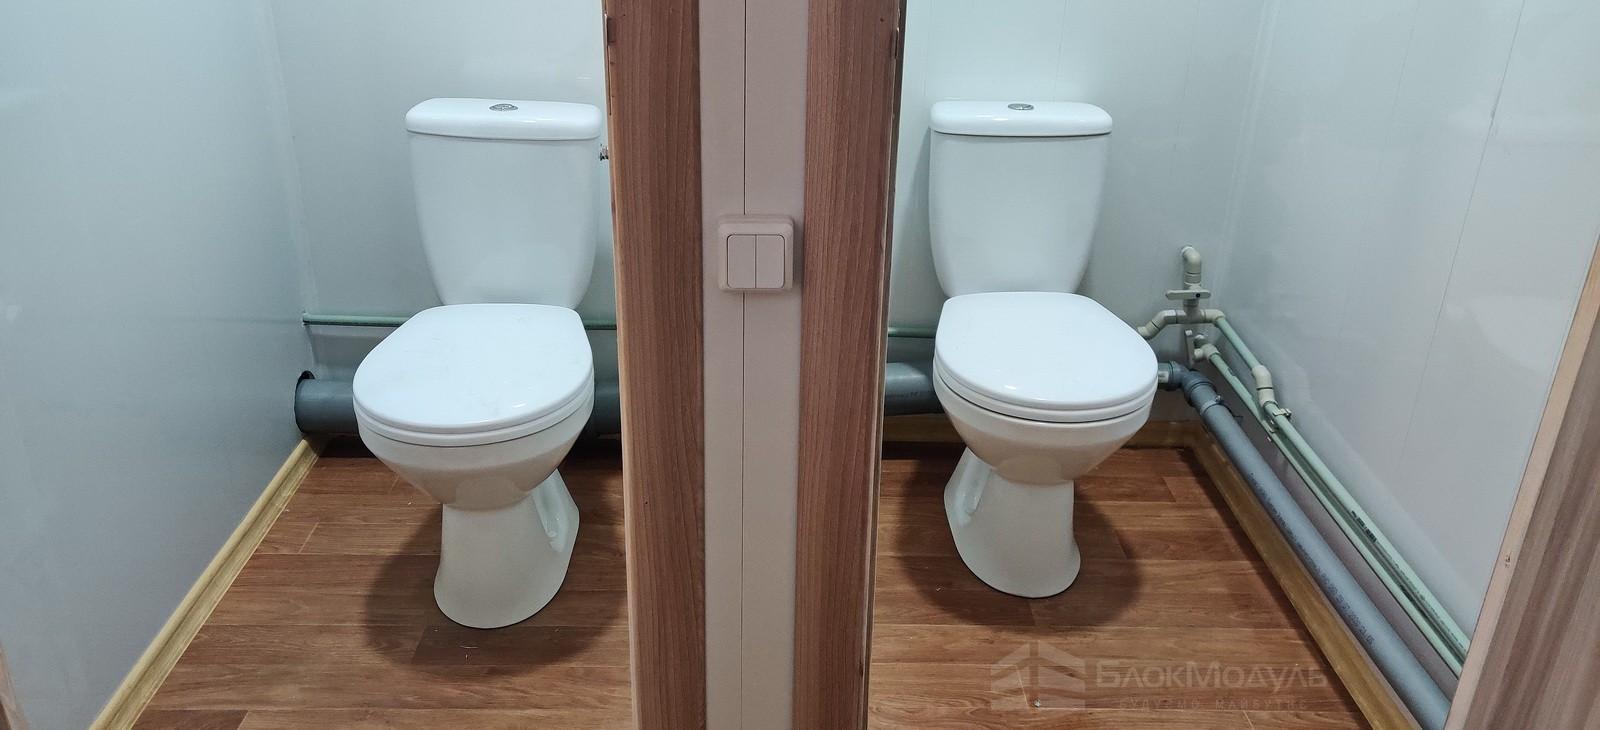 thumb_Модульные туалеты для Дворца Украины - Фото № 5